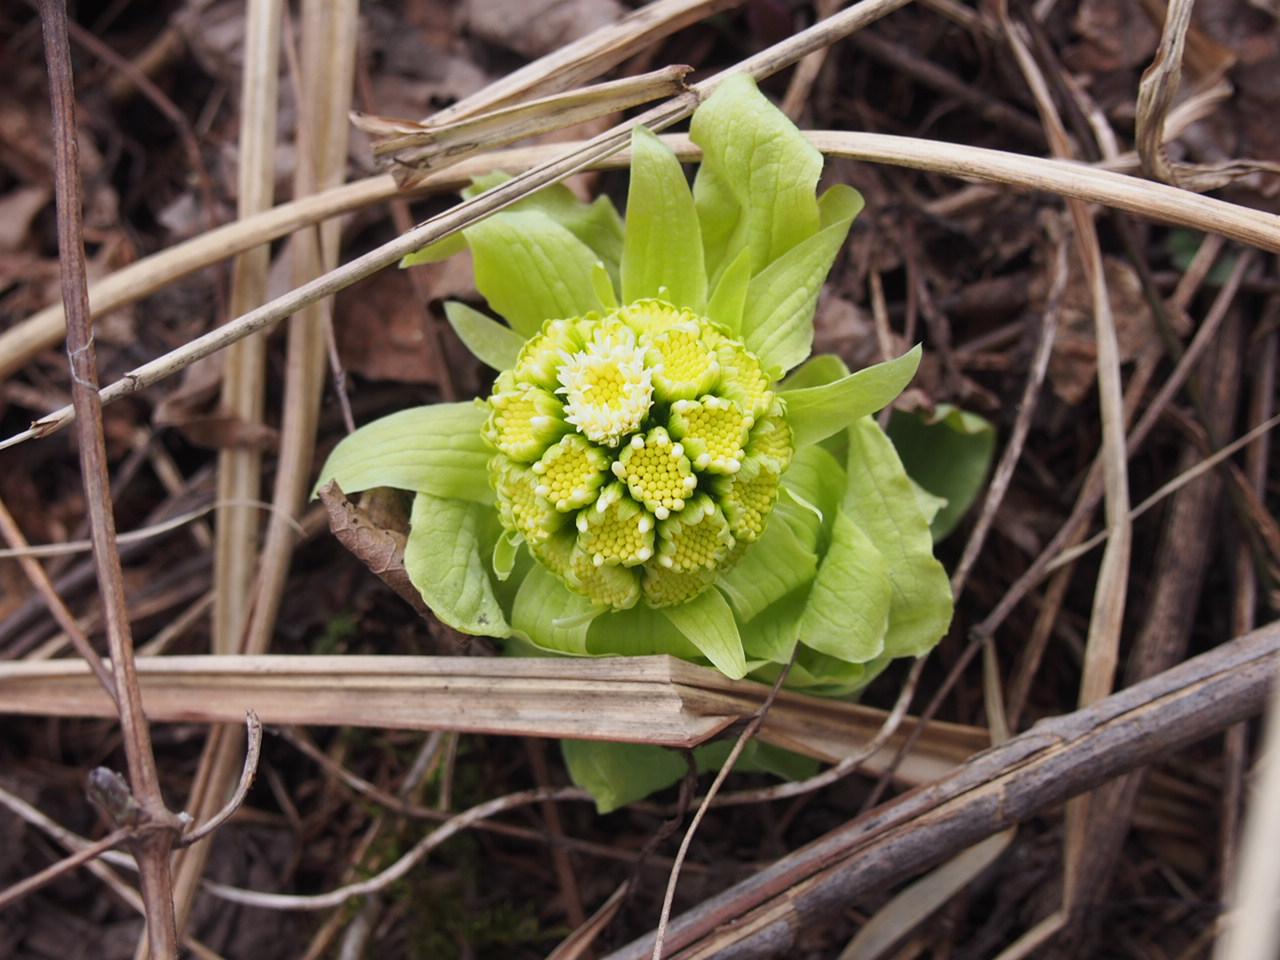 デトックス効果あり!早春の山菜ふきのとうの採取方法とレシピ